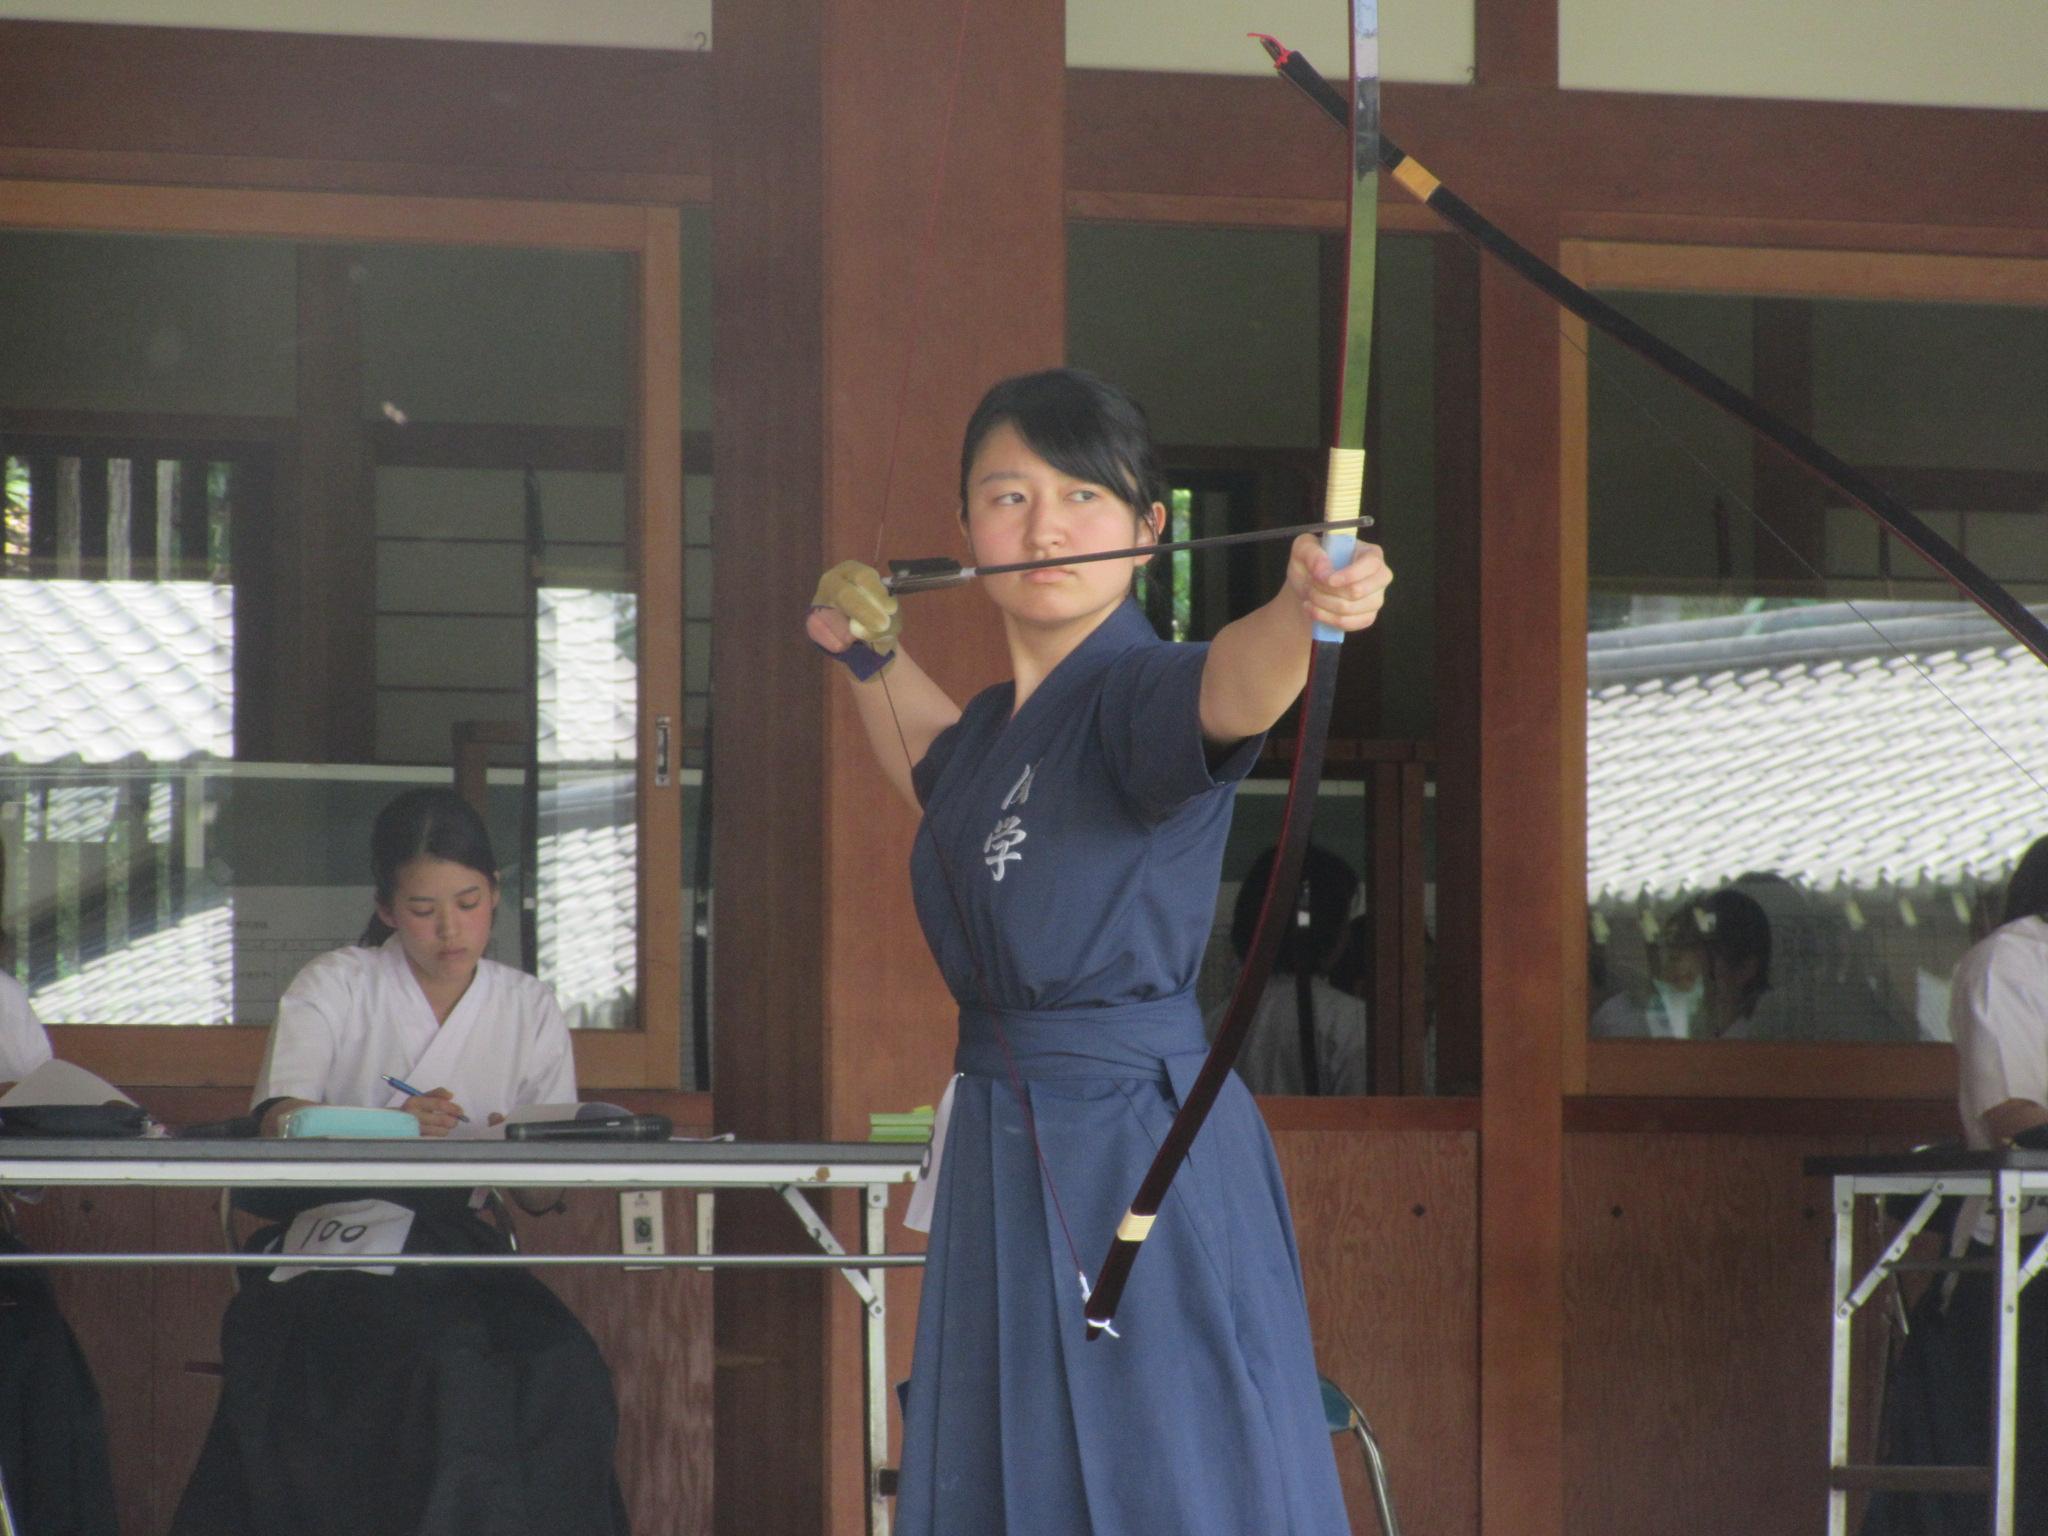 岡田那(2)個人5位 団体優勝